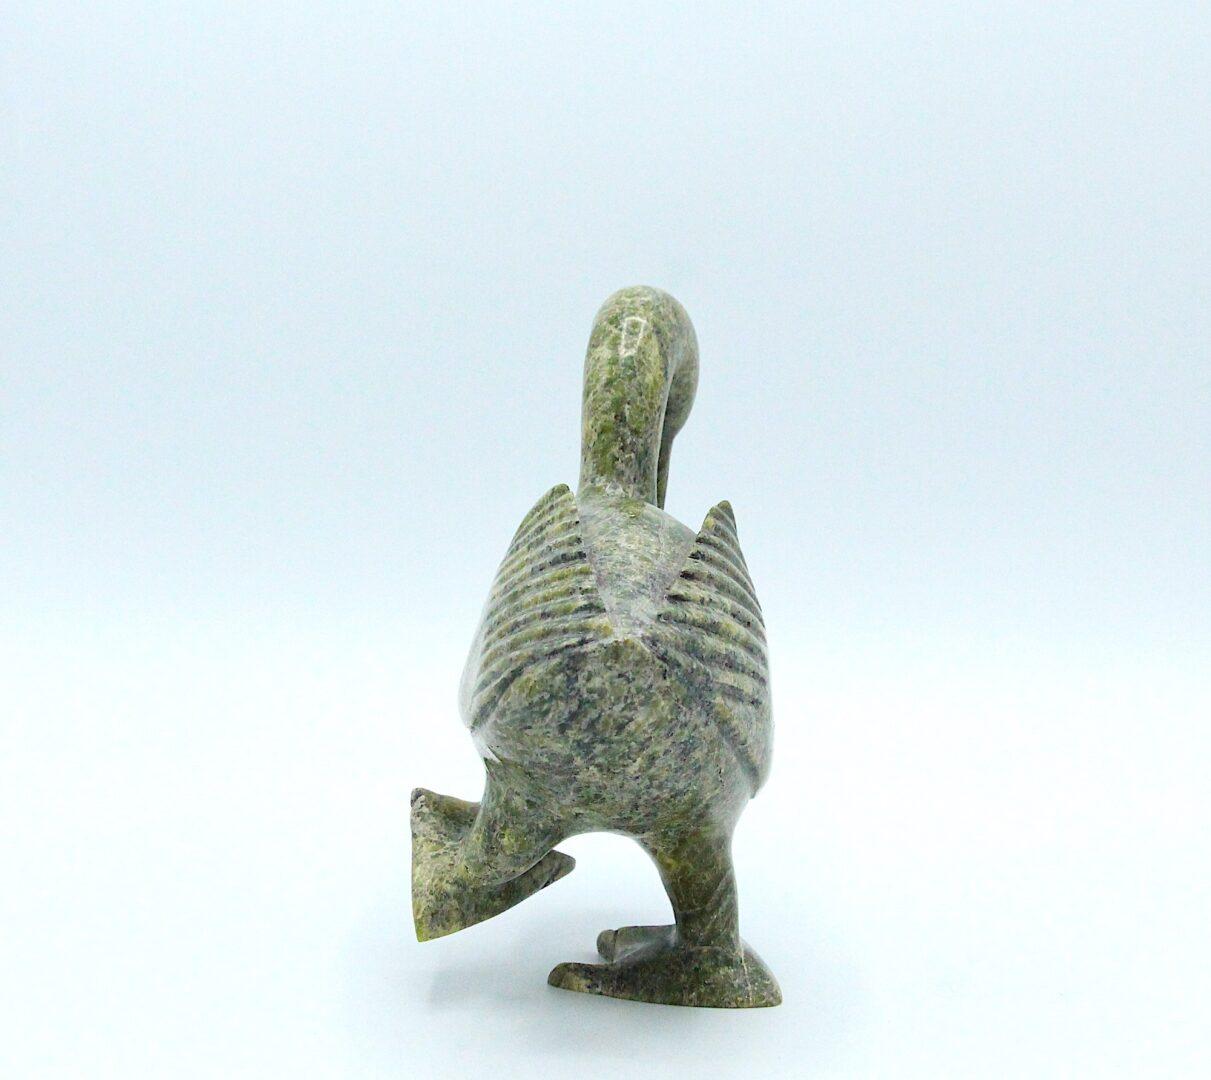 dancing bird Inuit Art Sculpture in Serpentine